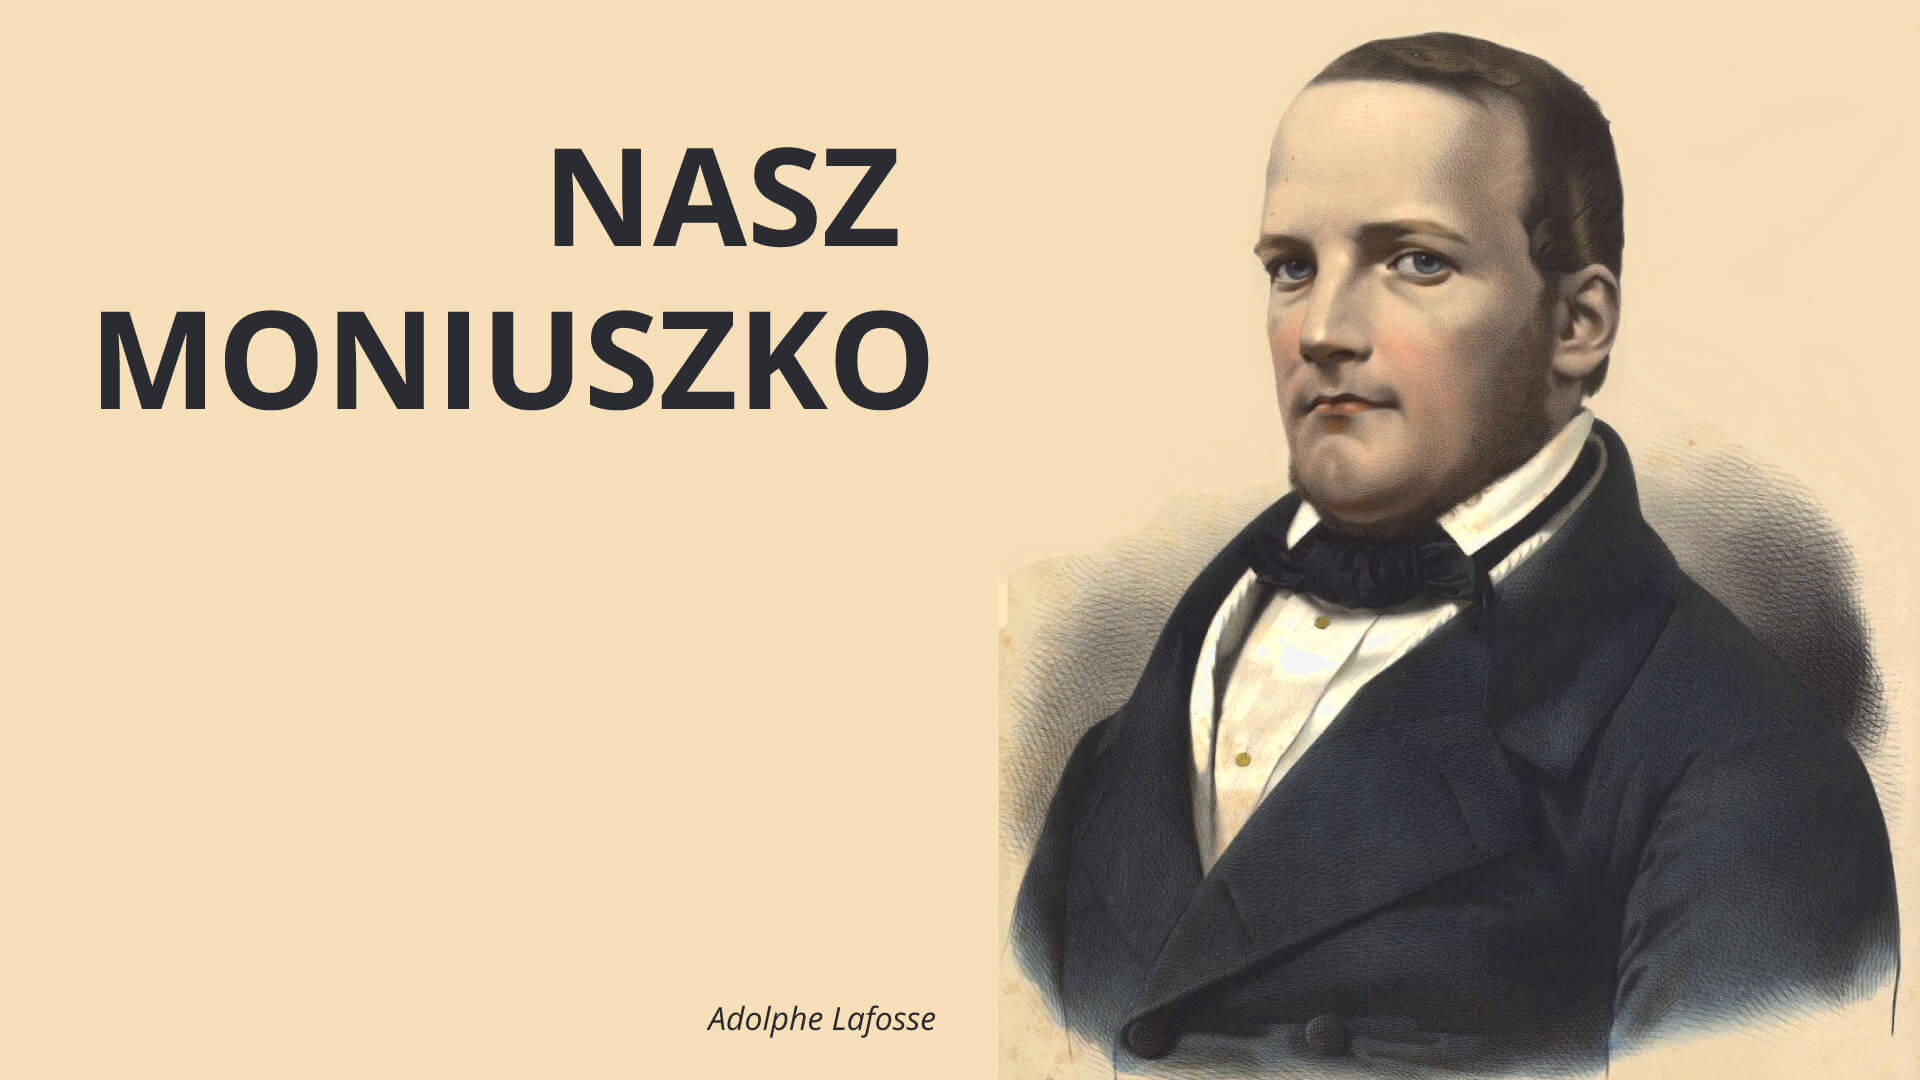 Nasz Moniuszko<span> | </span>Podlaskie ma szczególny powód by być w centrum tegorocznych obchodów Roku Moniuszkowskiego